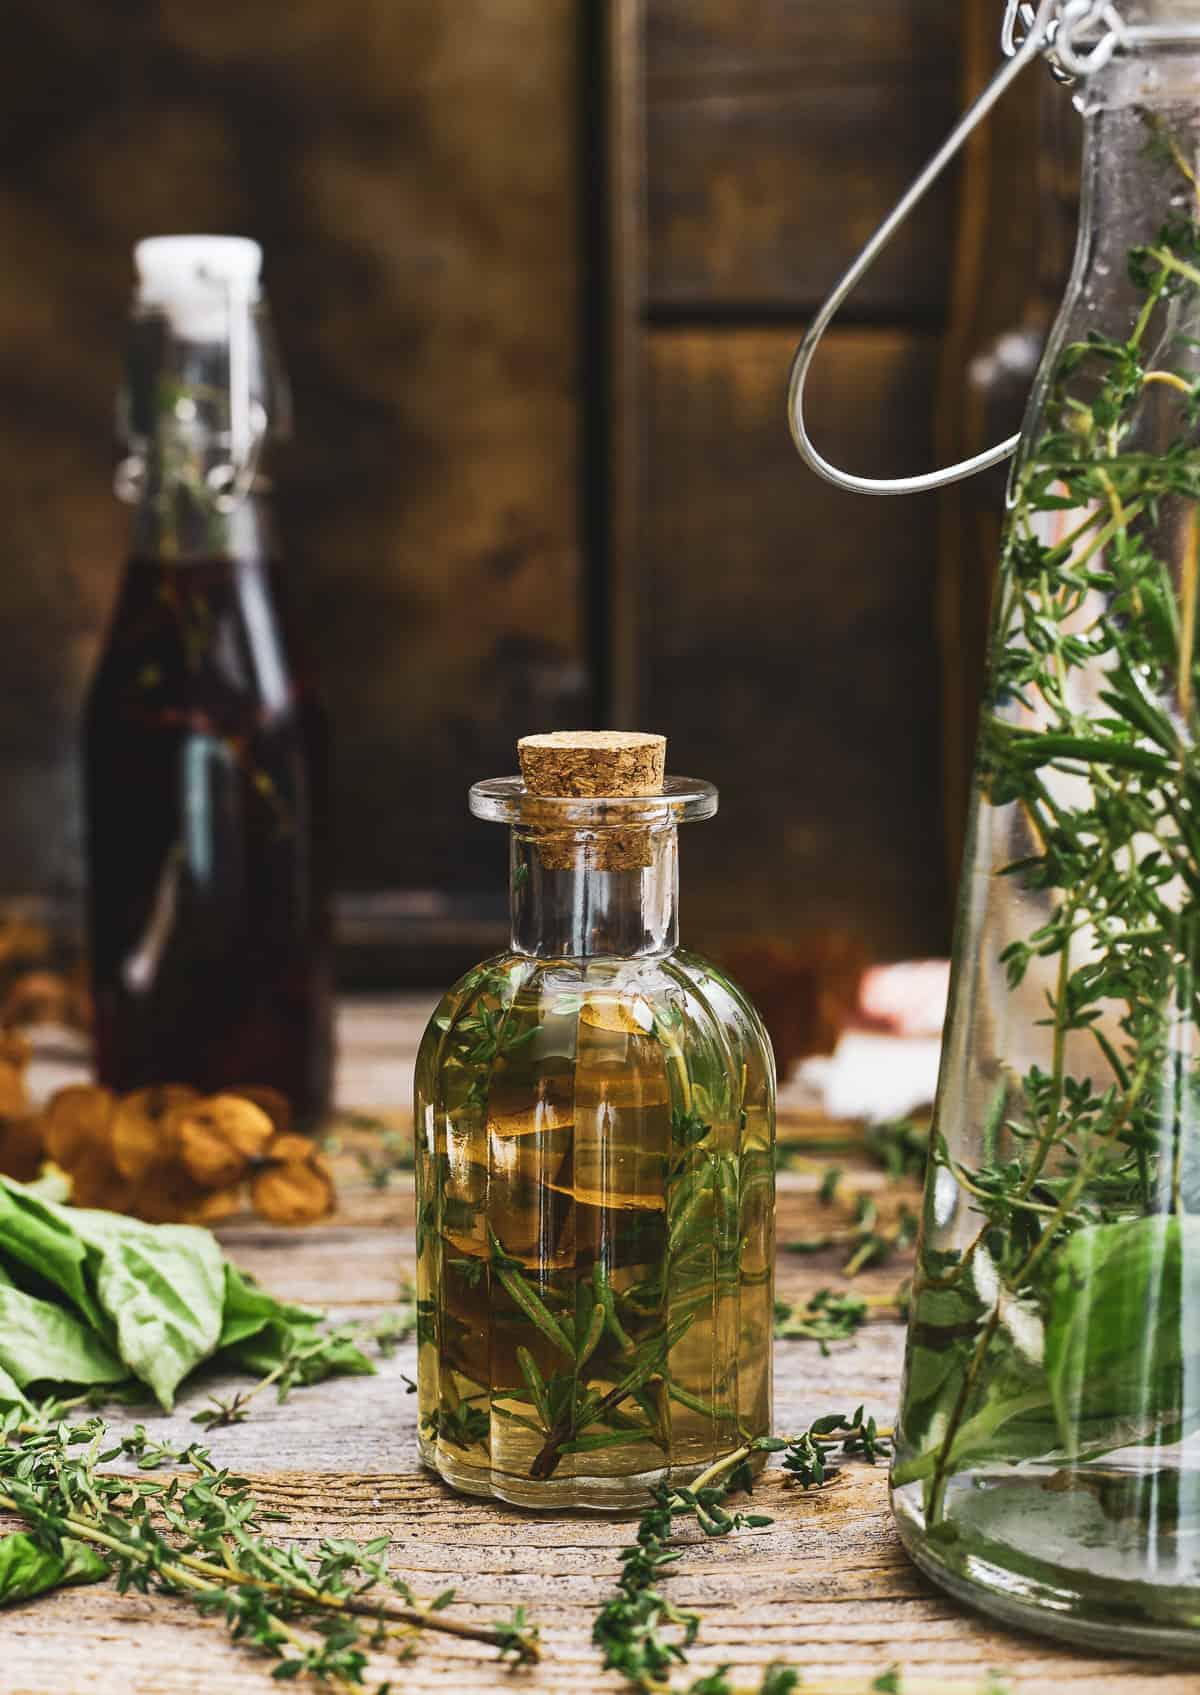 Small bottle of herbal infused vinegar.